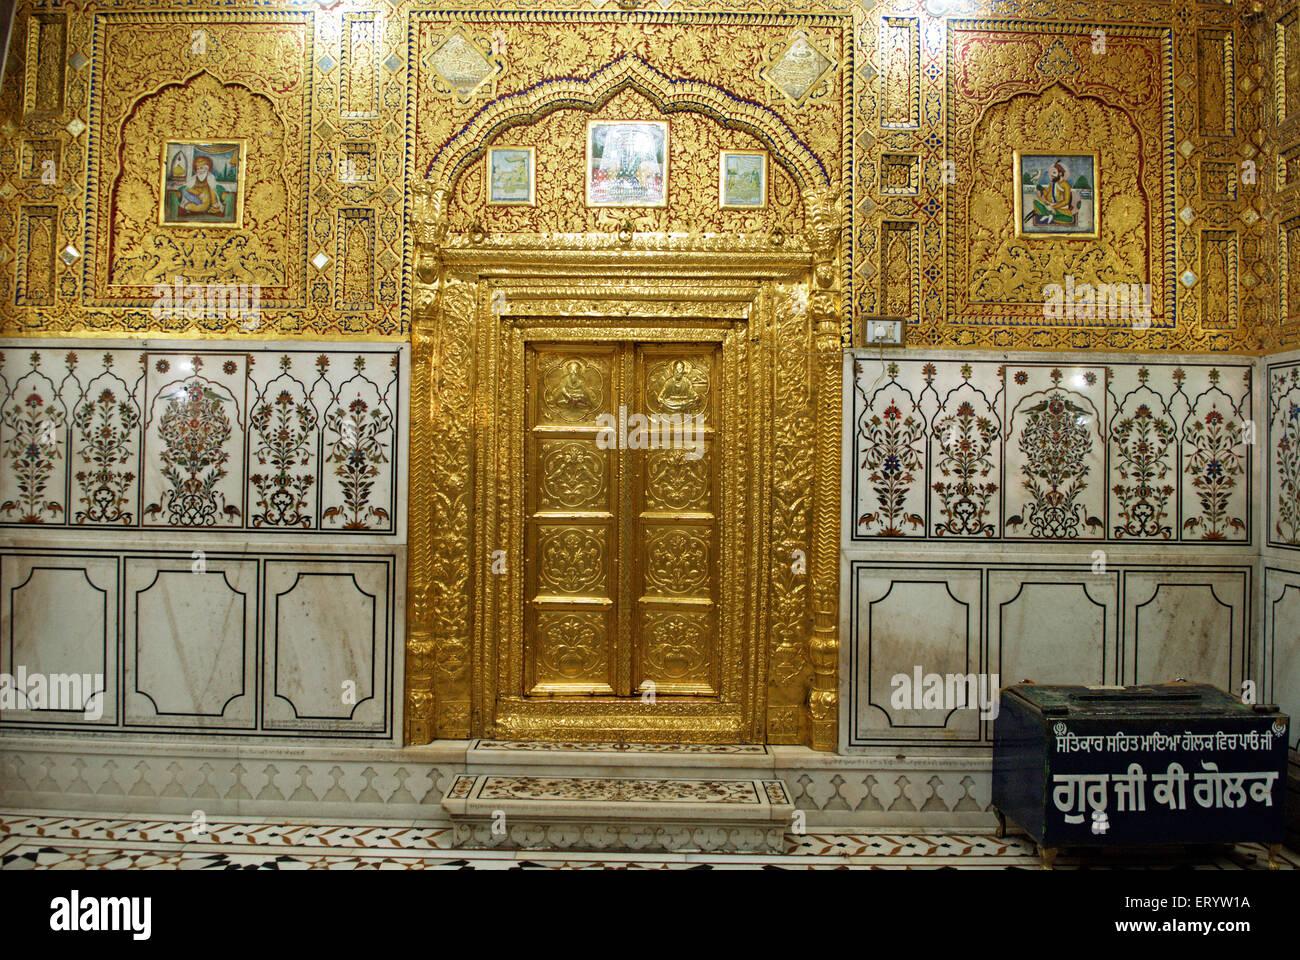 Embossed door and doorframe of Gurudwara of Sachkhand Sahib ; Nanded ; Maharashtra ; India - Stock Image